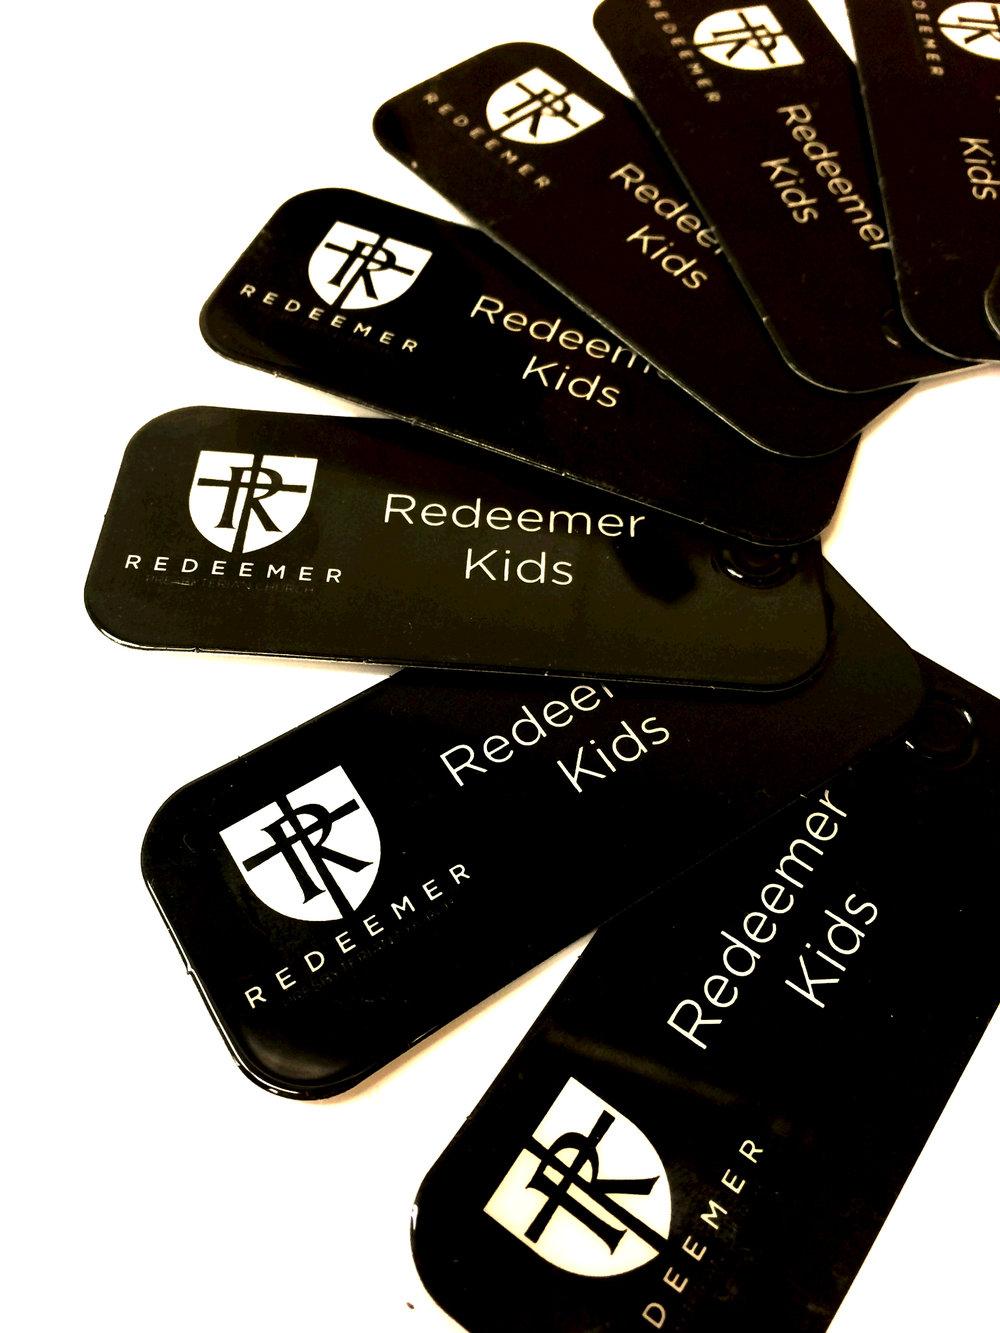 Redeemer-Kids-FOB.jpg